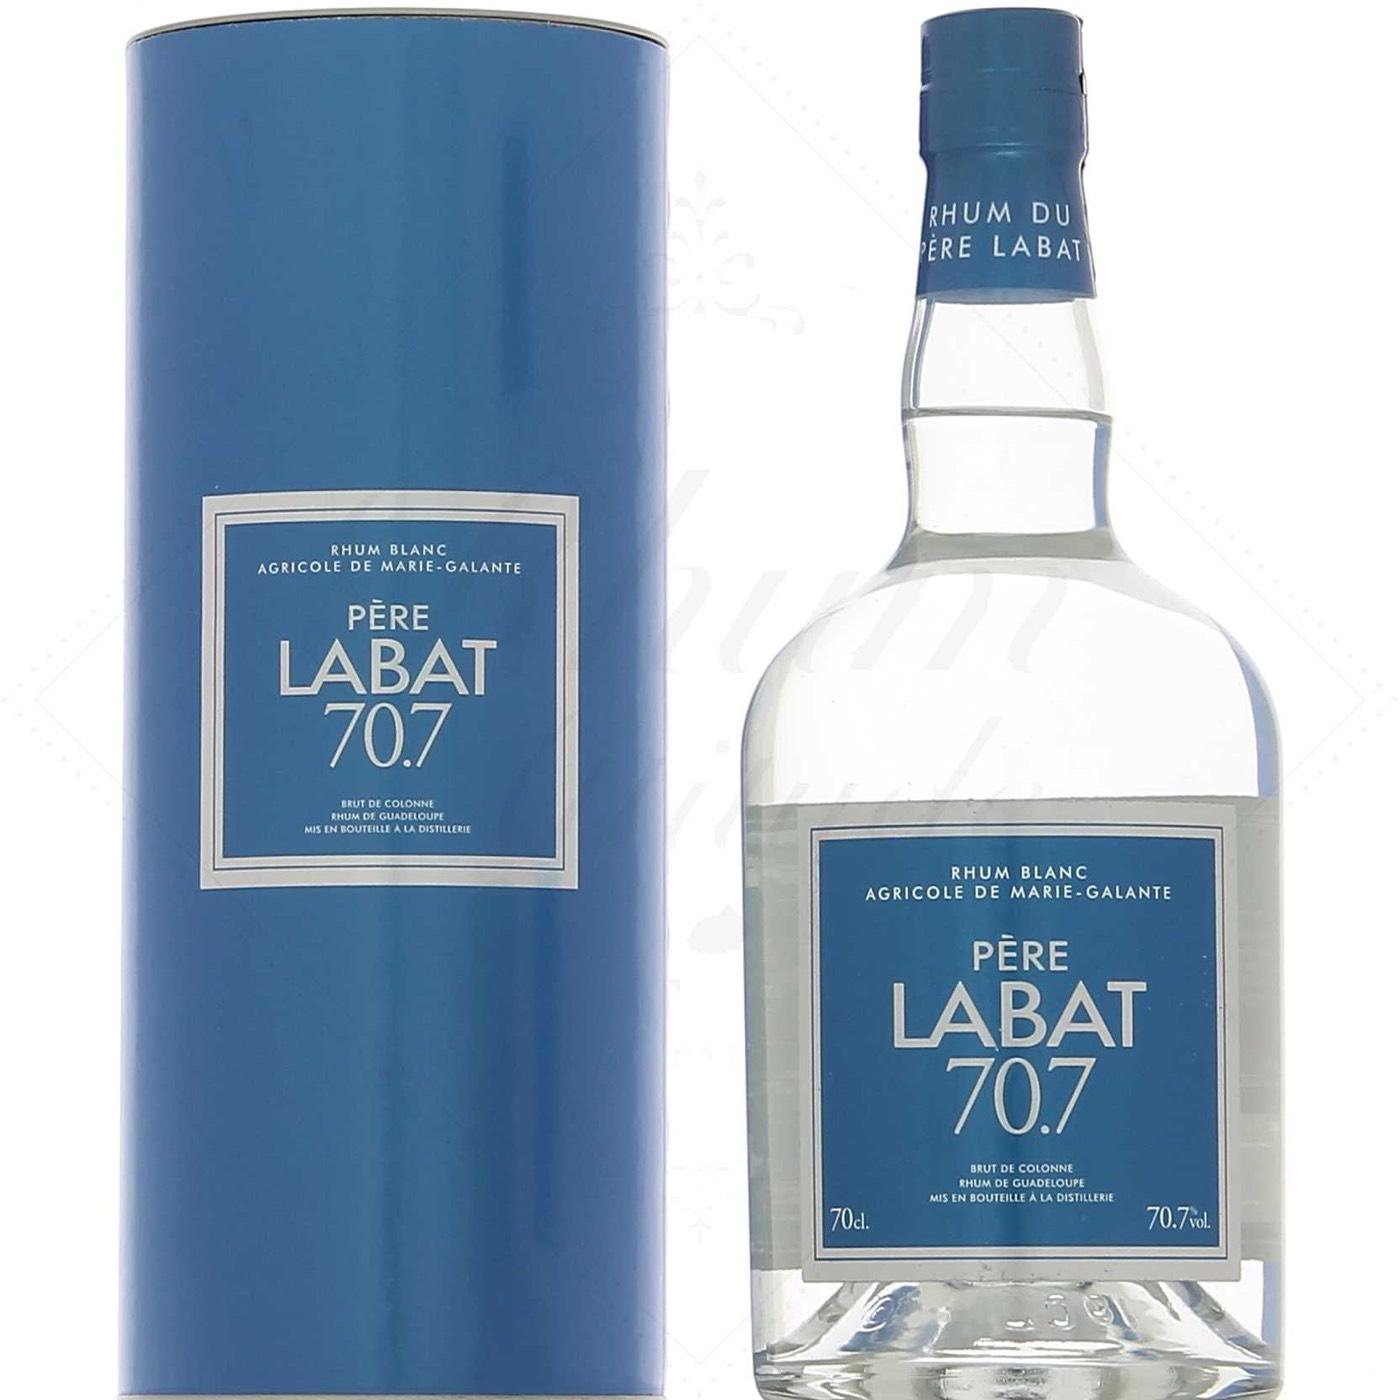 Bottle image of Père Labat Brut de colonne